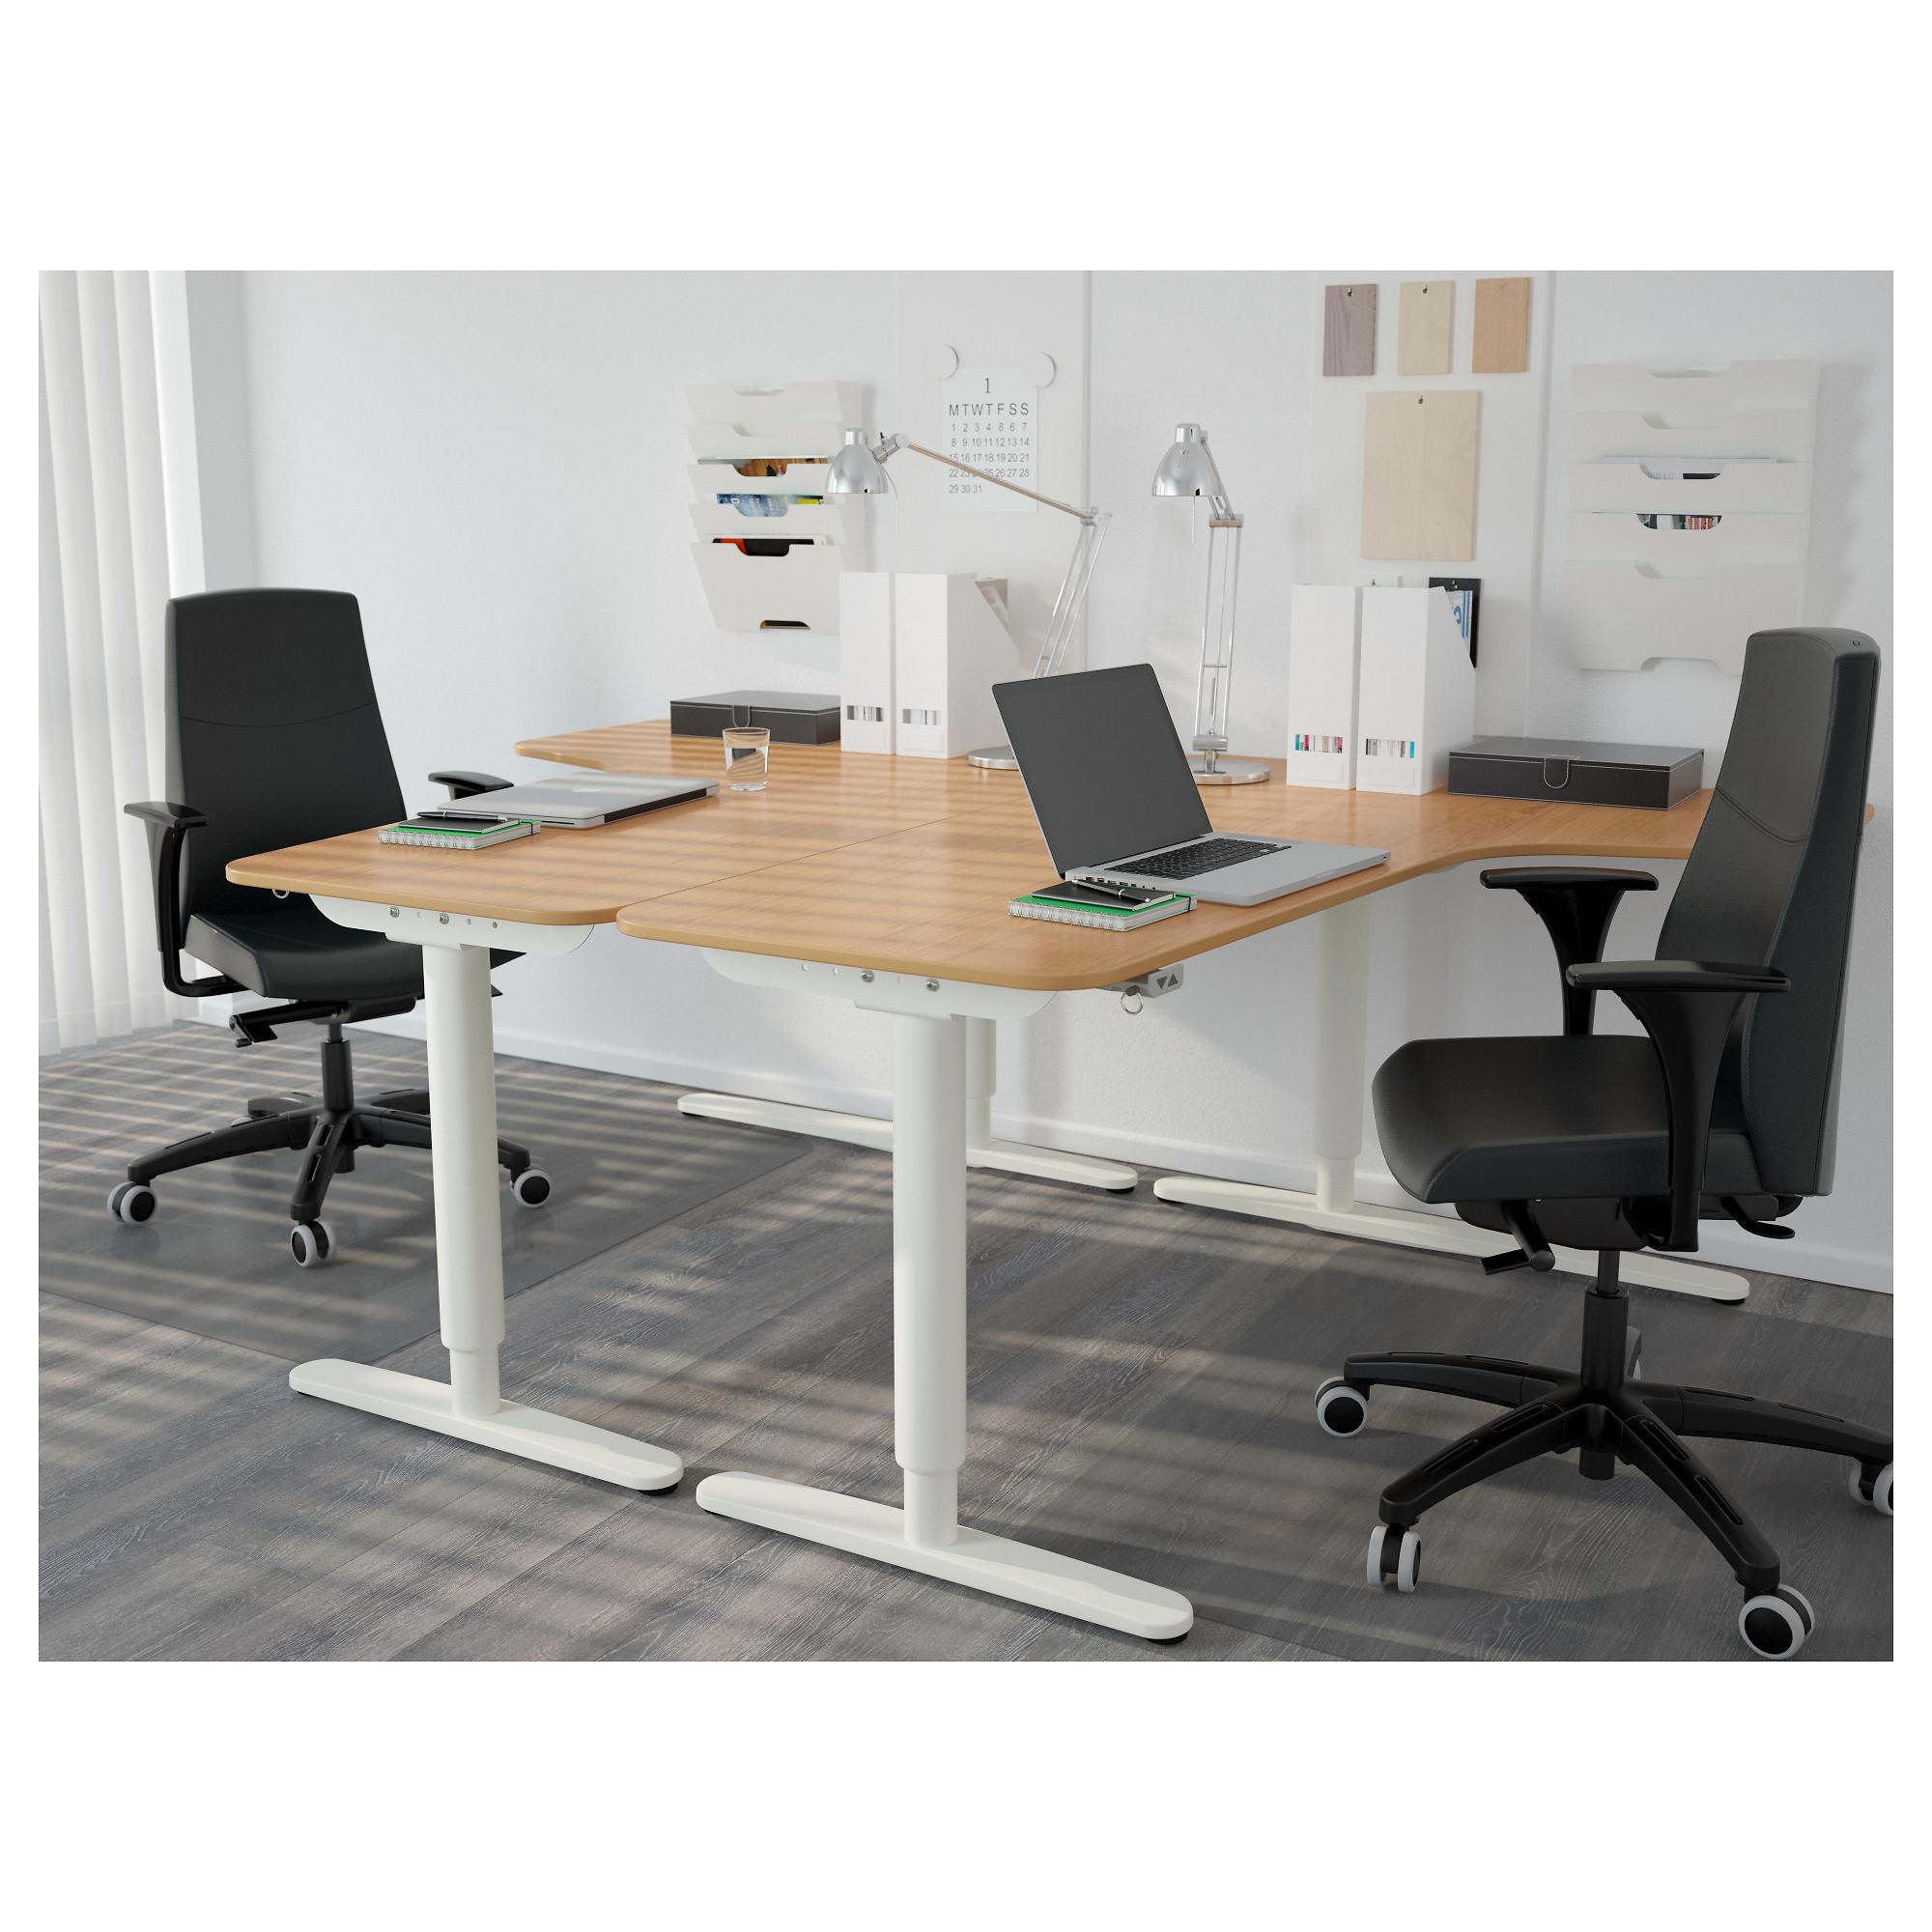 Угловой письменный стол левосторонний трансформер БЕКАНТ белый артикуль № 592.786.61 в наличии. Online сайт IKEA Минск. Недорогая доставка и установка.